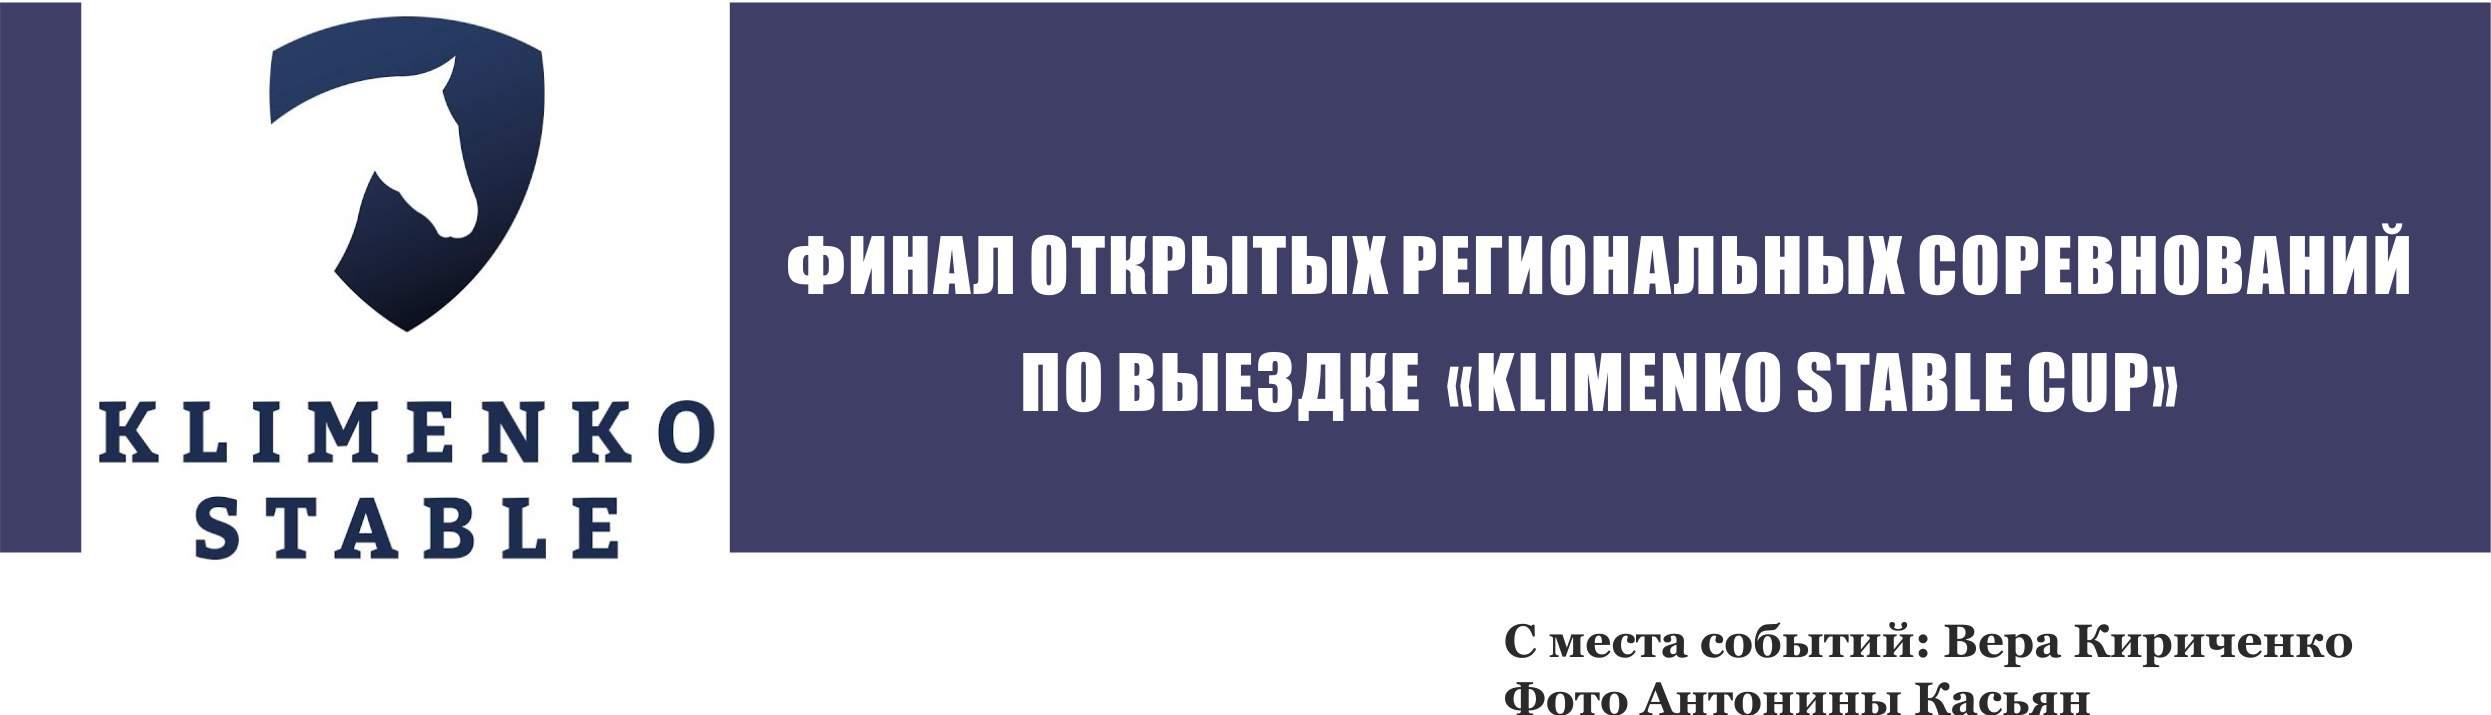 Финал открытых региональных соревнований по выездке «Klimenko Stable Cup»_(выпуск журнала №42)